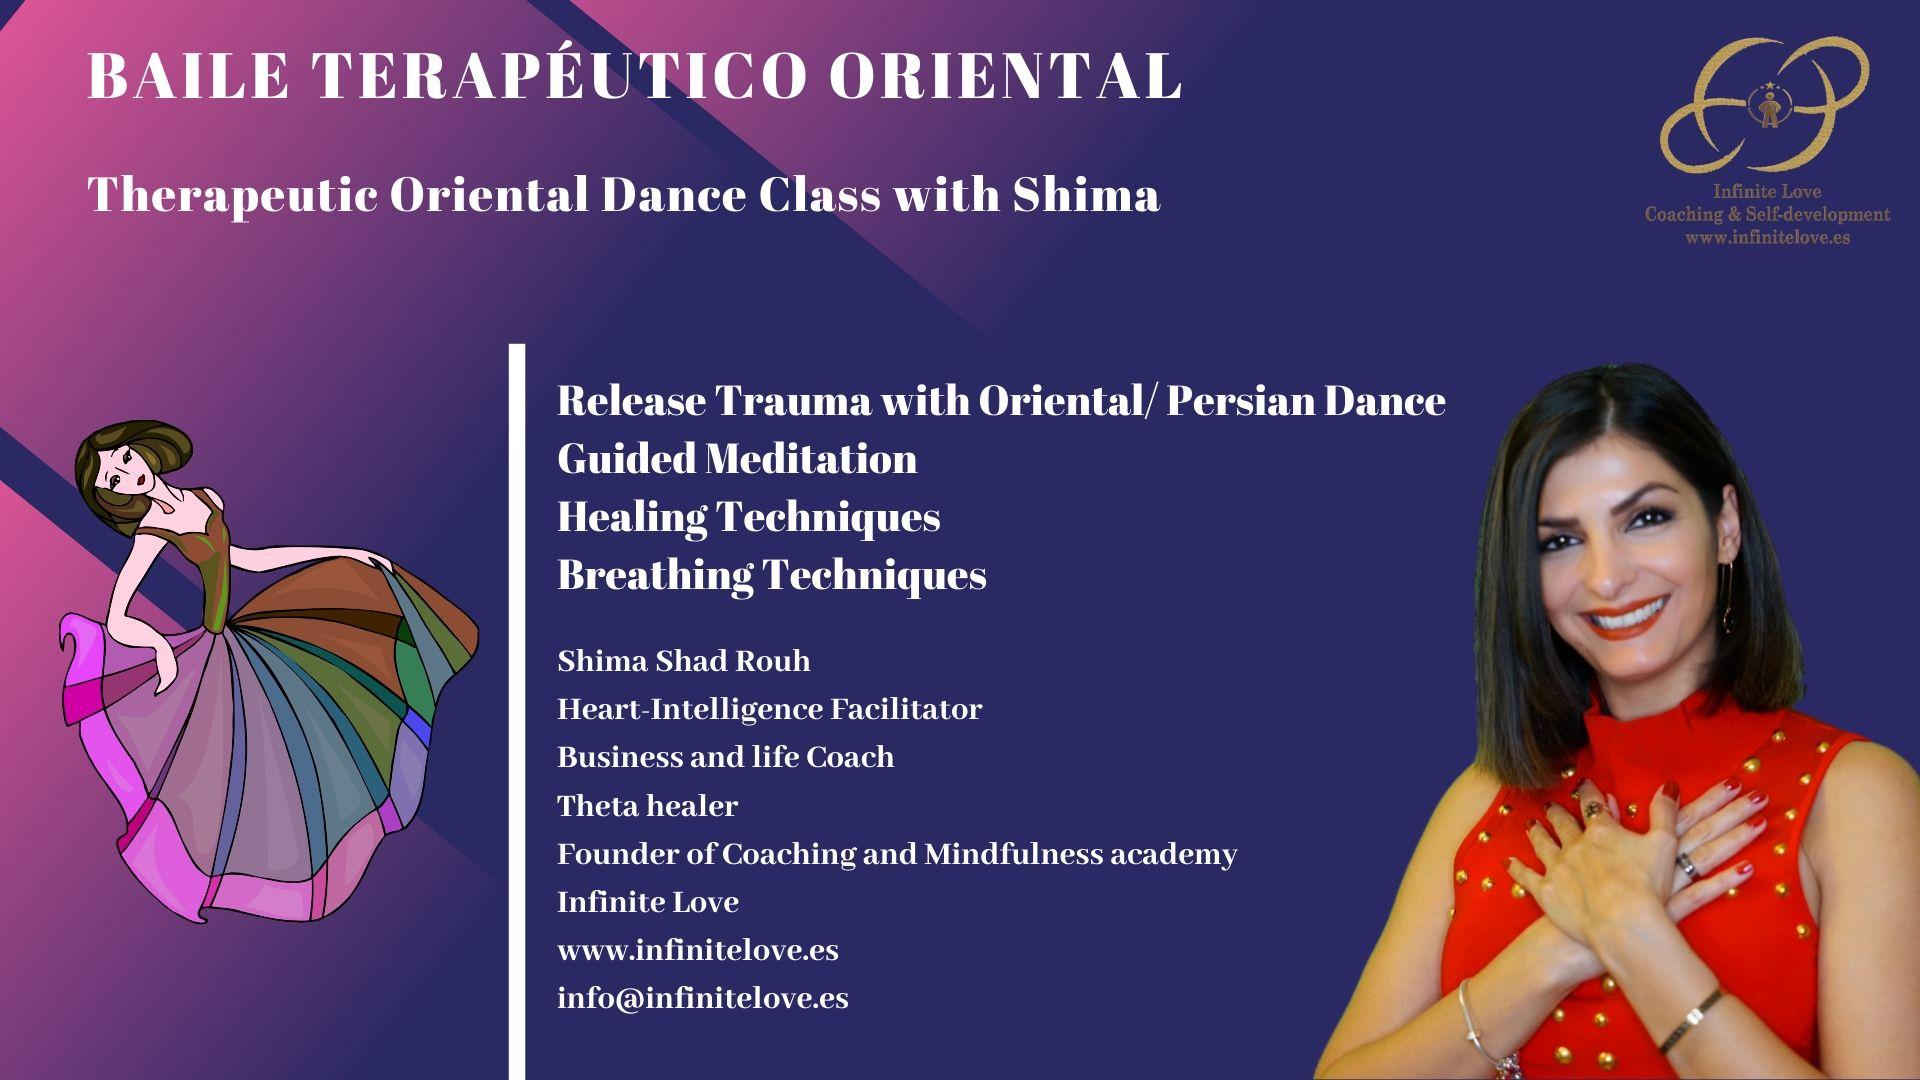 Therapeutic Oriental Dance Class , Baile Terapéutico Oriental